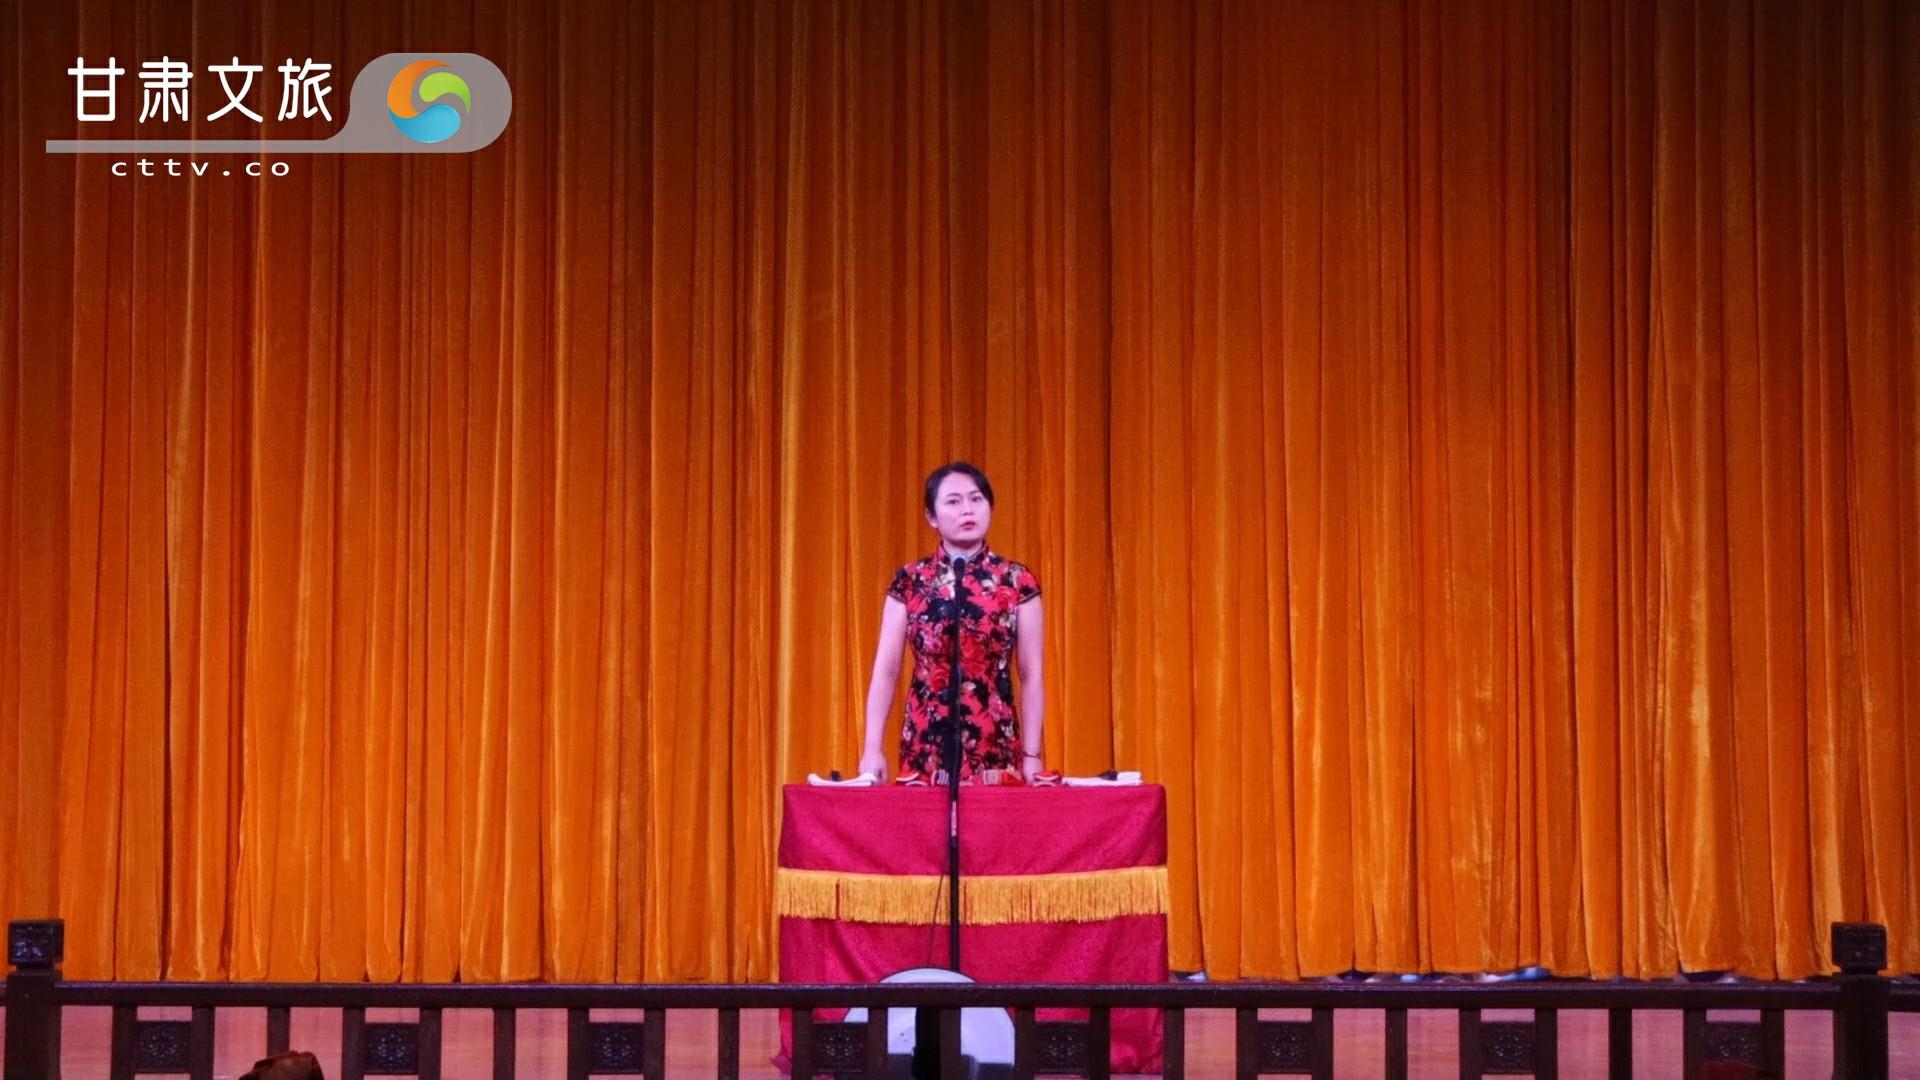 甘肃省曲协优秀曲艺作品展播——评书《情系航天》